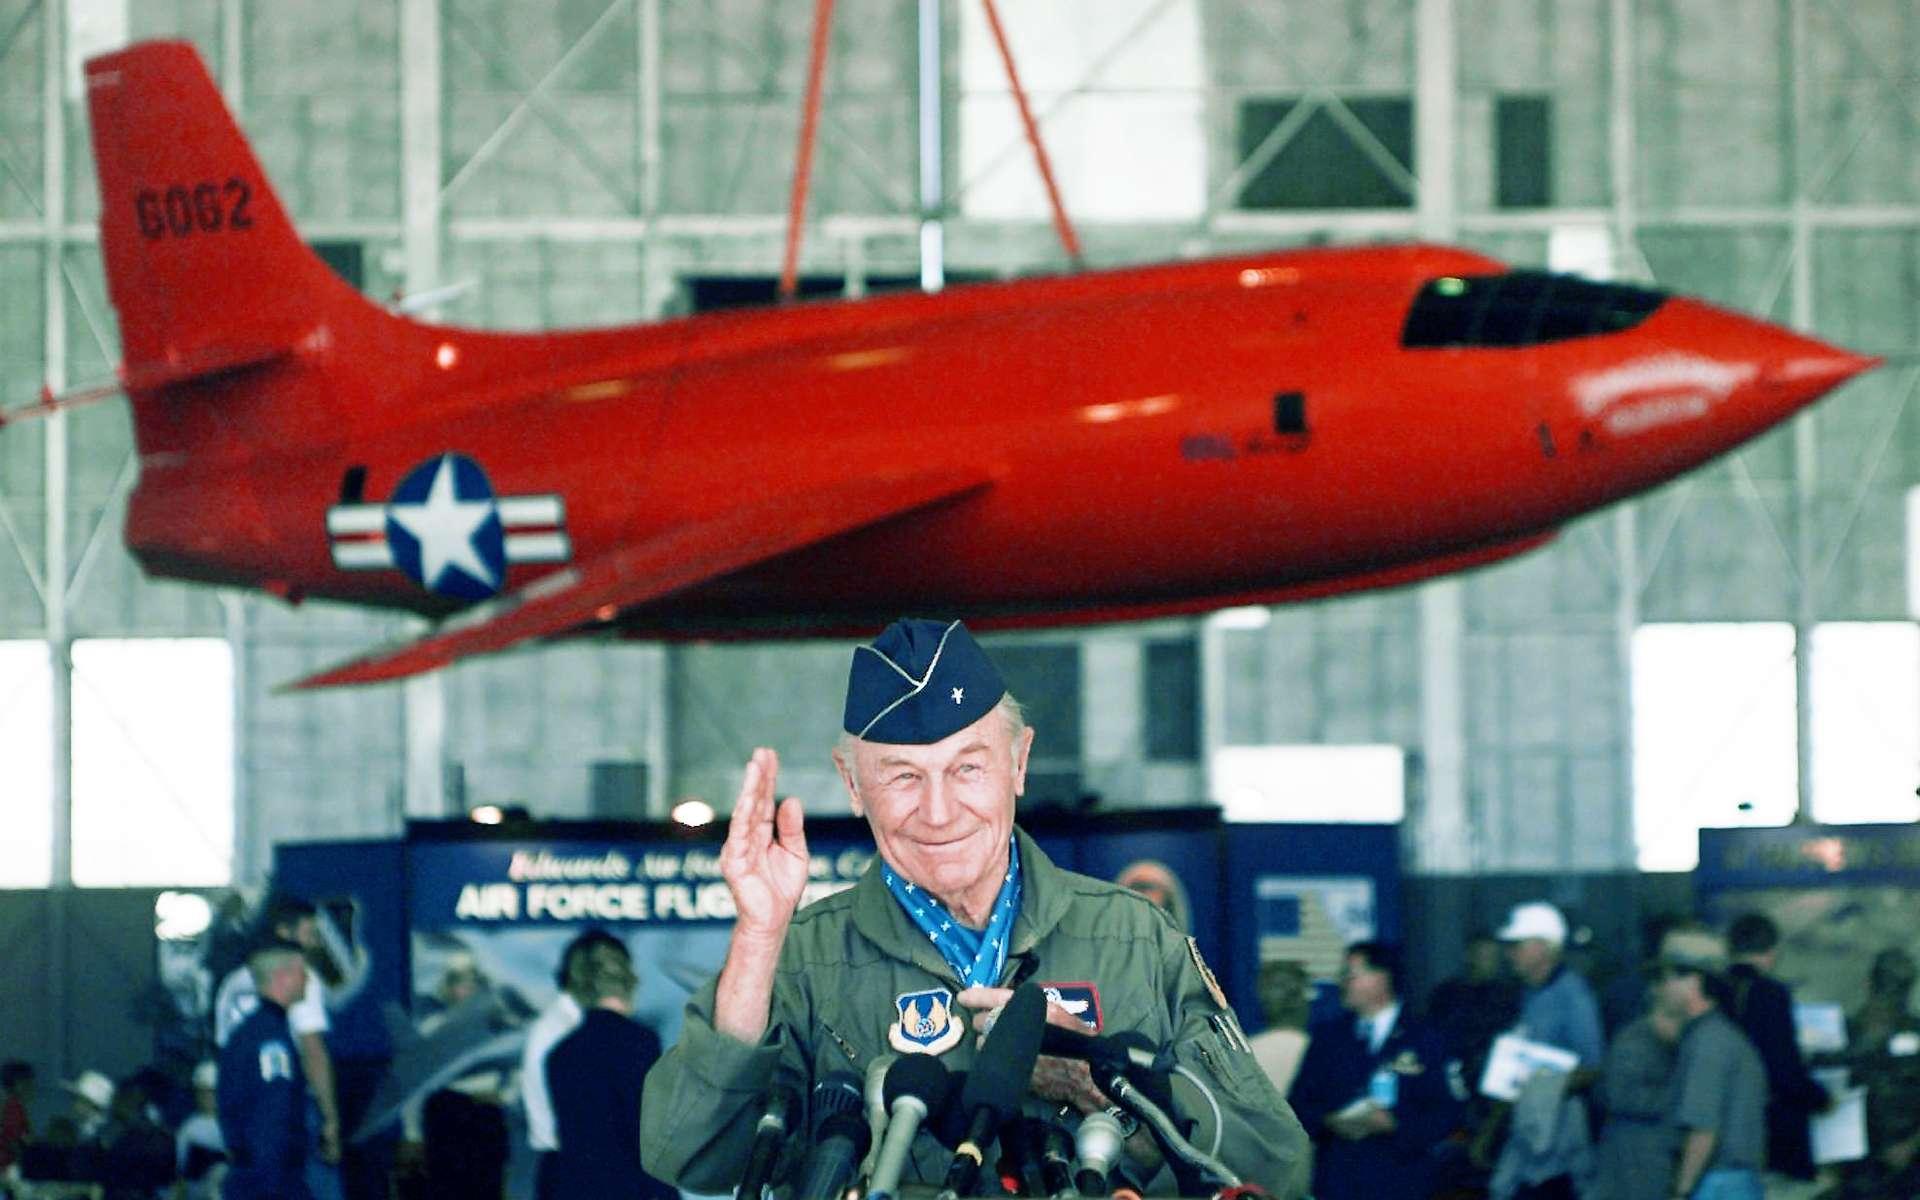 Chuck Yeager en 1997 lors d'une conférence menée sur la base américaine Edwards où il a mené toute sa carrière. © Michael Caulfield, AP